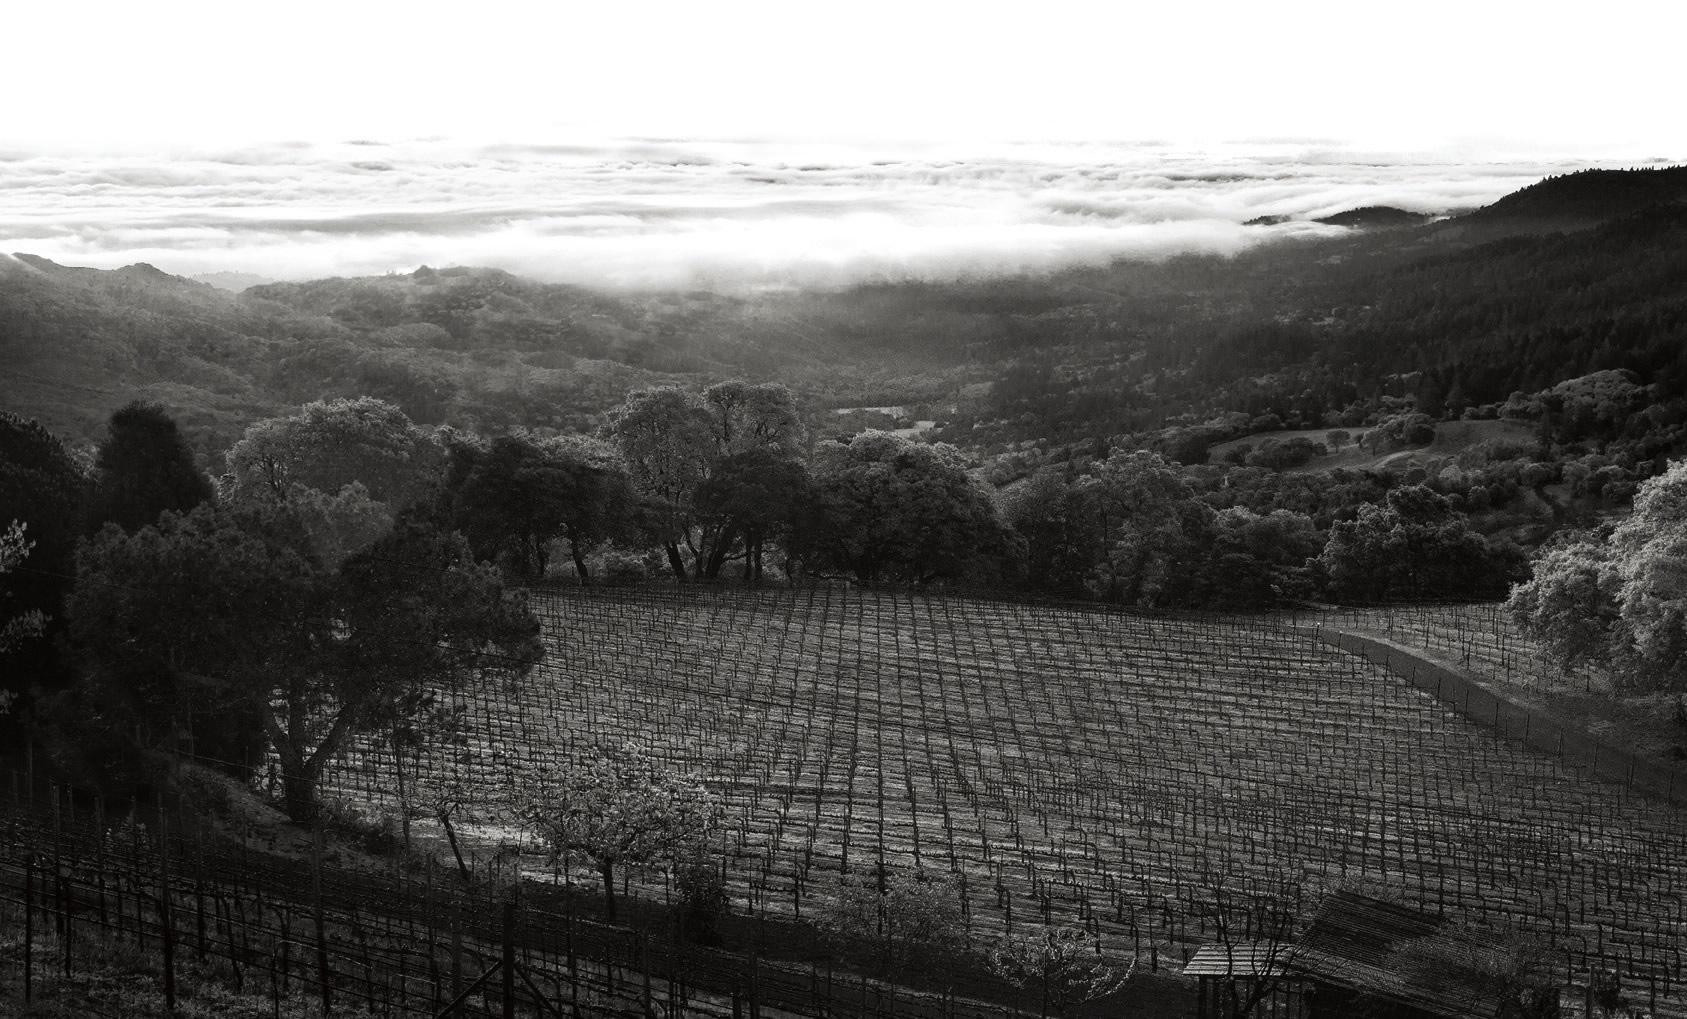 Boich Family Cellar vineyard with fog